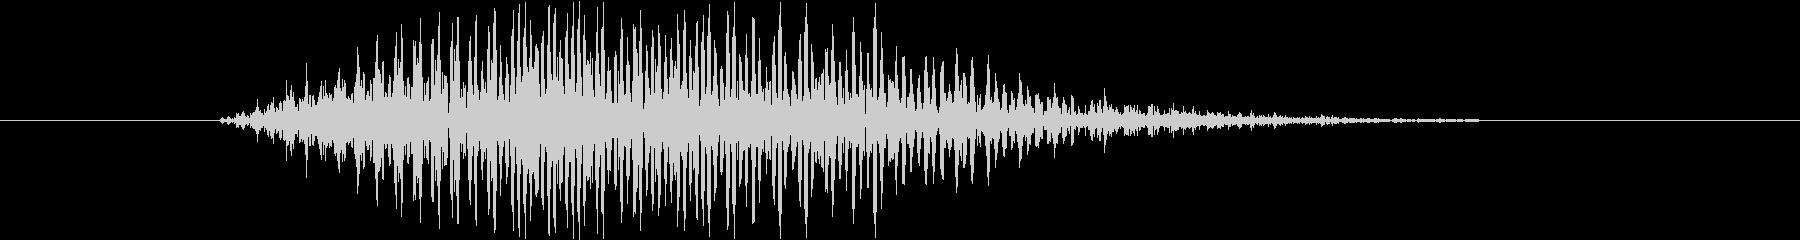 鳴き声 男性コンバットヒットハード16の未再生の波形